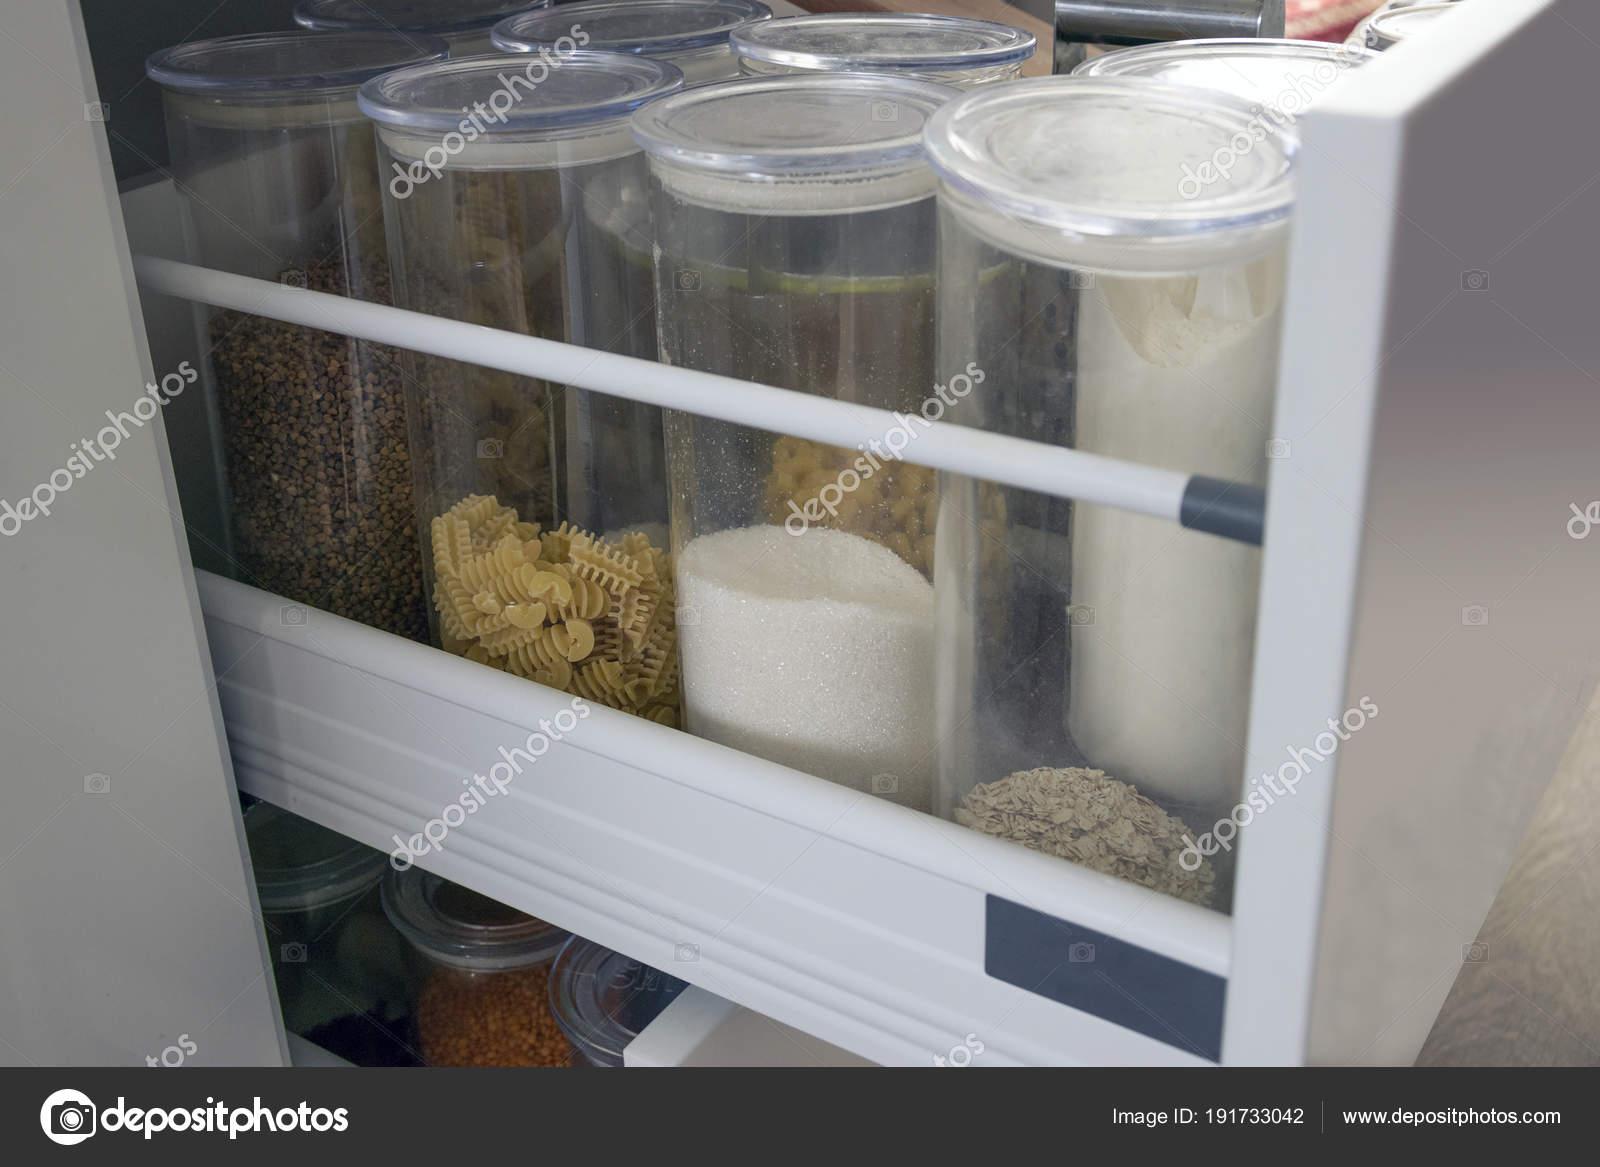 Moderne Küchenarbeitsplatte Mit Lebensmittelzutaten Draufsicht Der